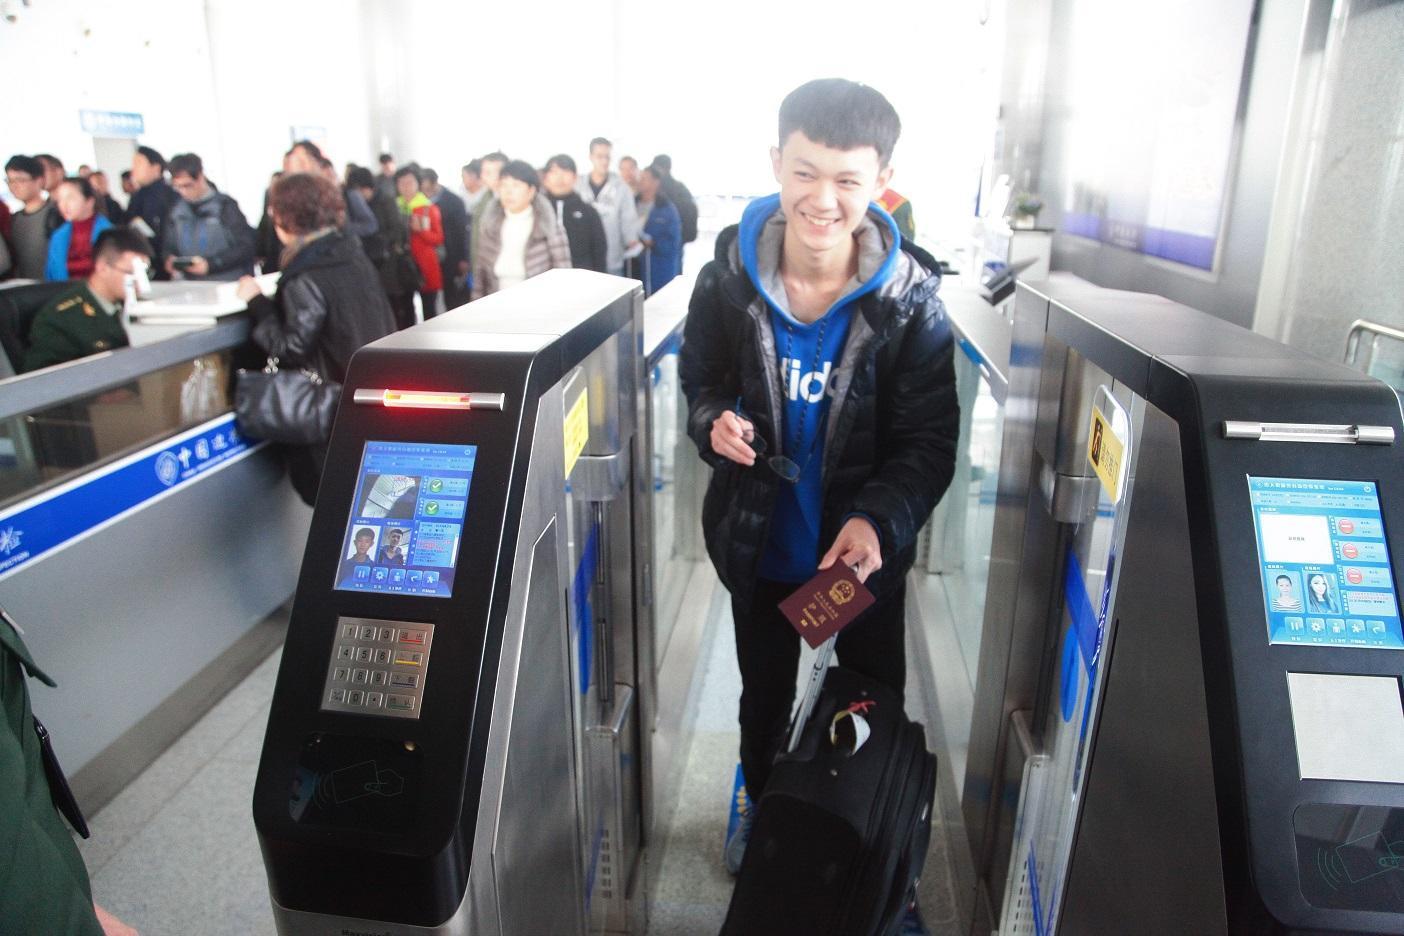 精彩:@威海人以后出行更方便了,城郊公交新线路开通,机场边检自助通道正式启用